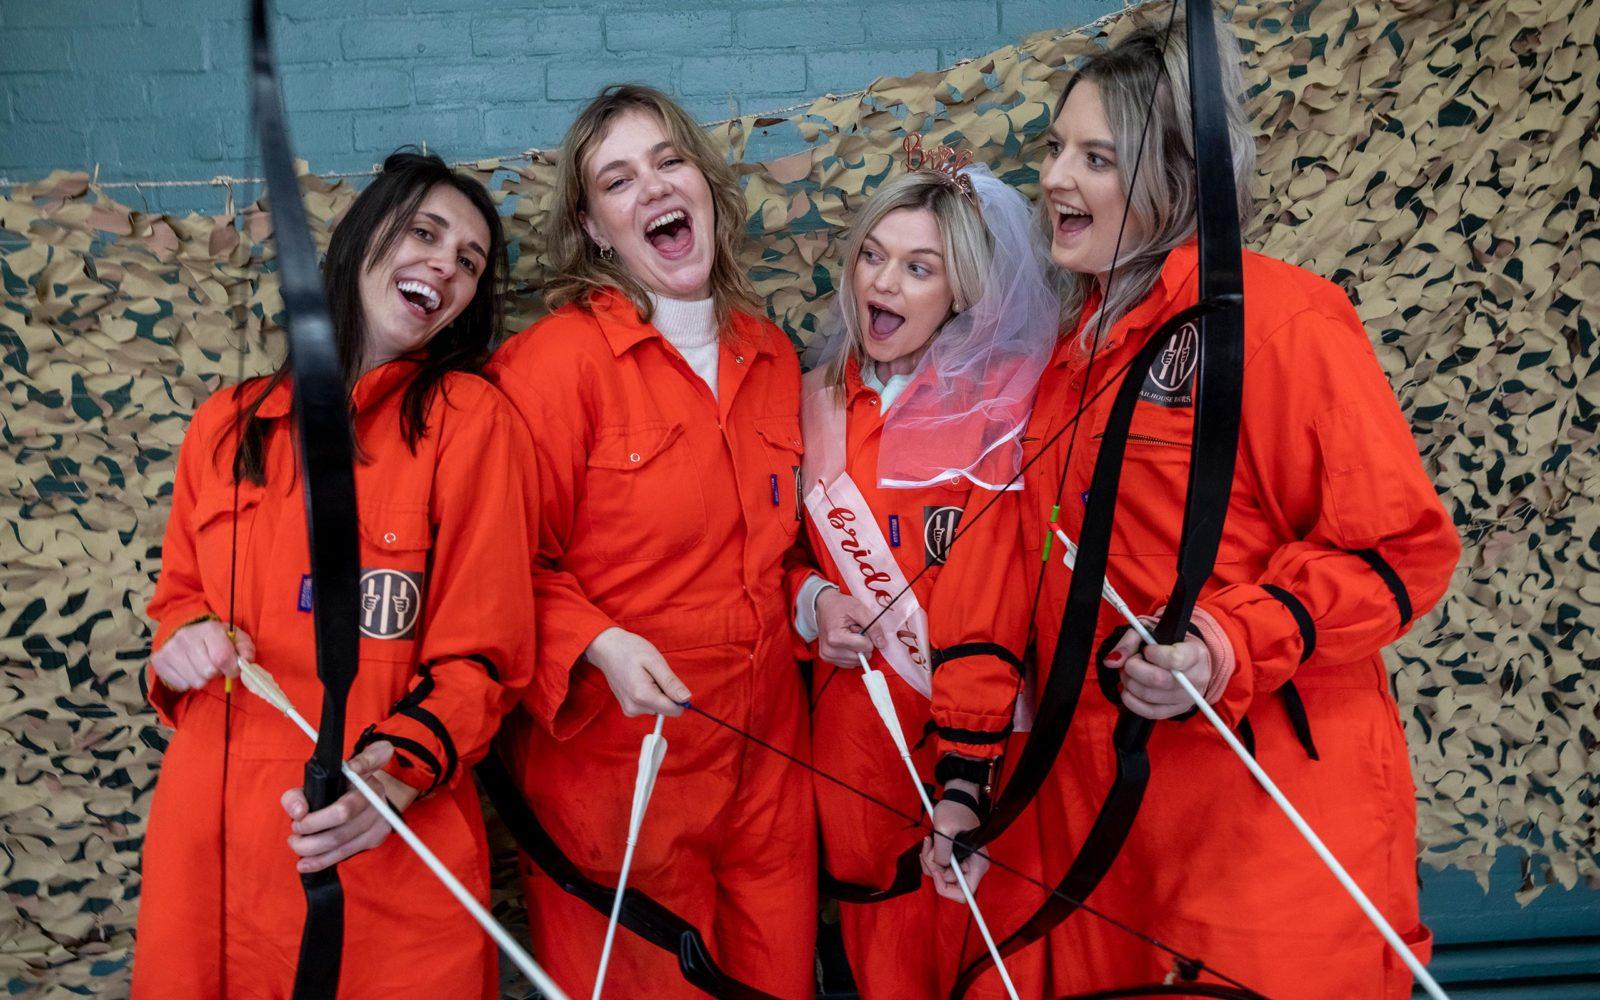 Shrewsbury Prison Stag Parties | Shrewsbury Prison Hen Parties